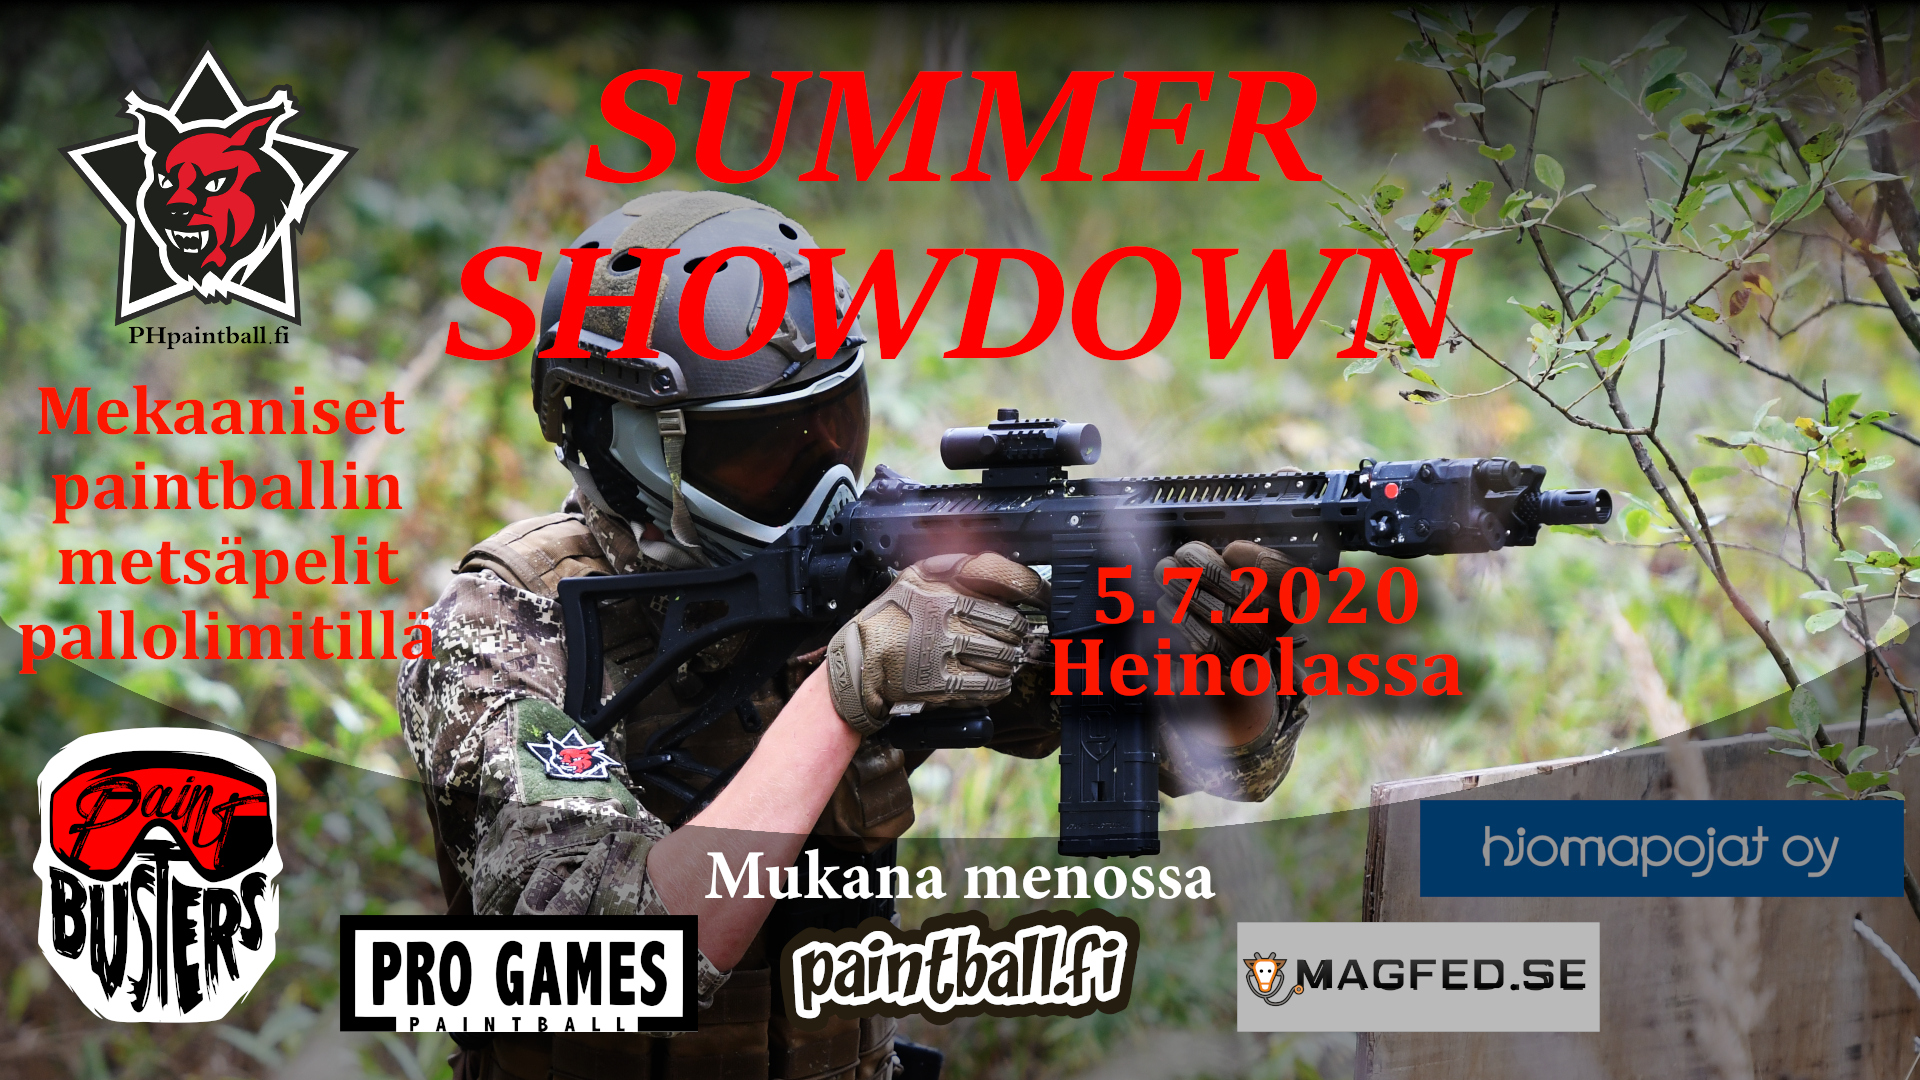 summershowdown2020.jpg